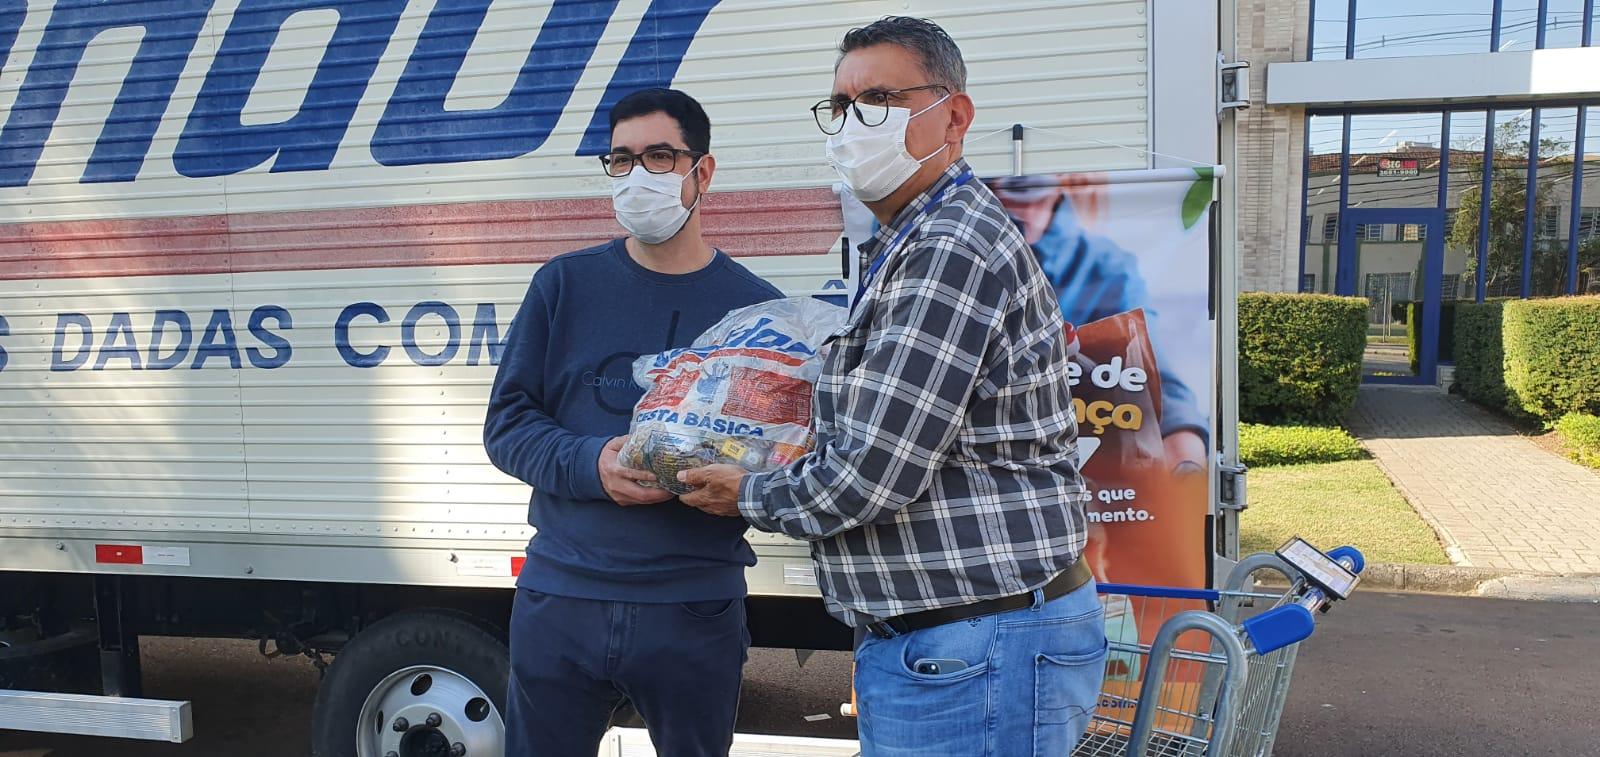 """""""Unidos Contra a Fome"""" recebe 6 toneladas de alimentos da Corrente de Esperança Condor"""